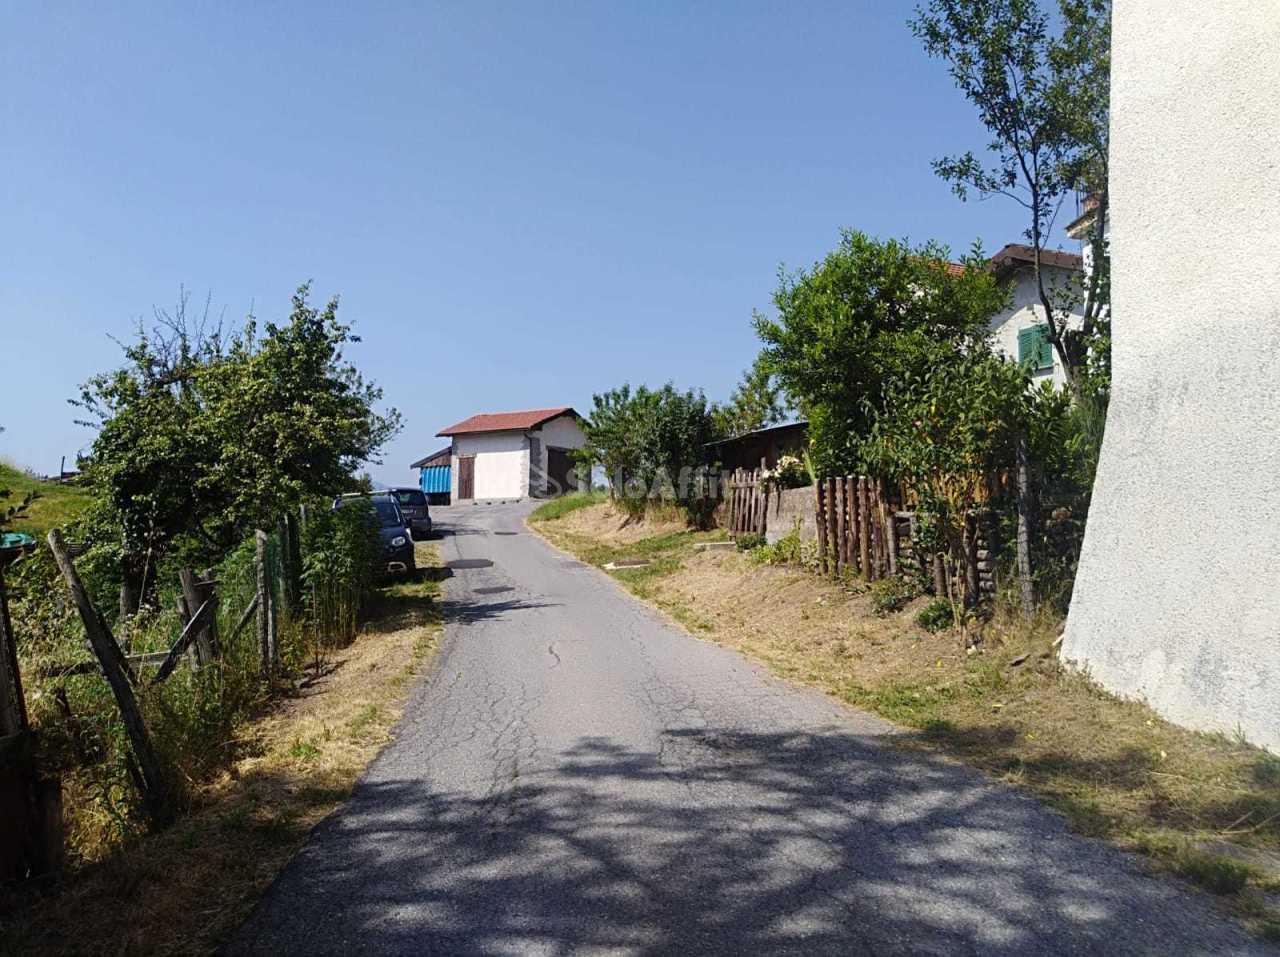 Soluzione Indipendente in affitto a Ronco Scrivia, 5 locali, prezzo € 200 | PortaleAgenzieImmobiliari.it